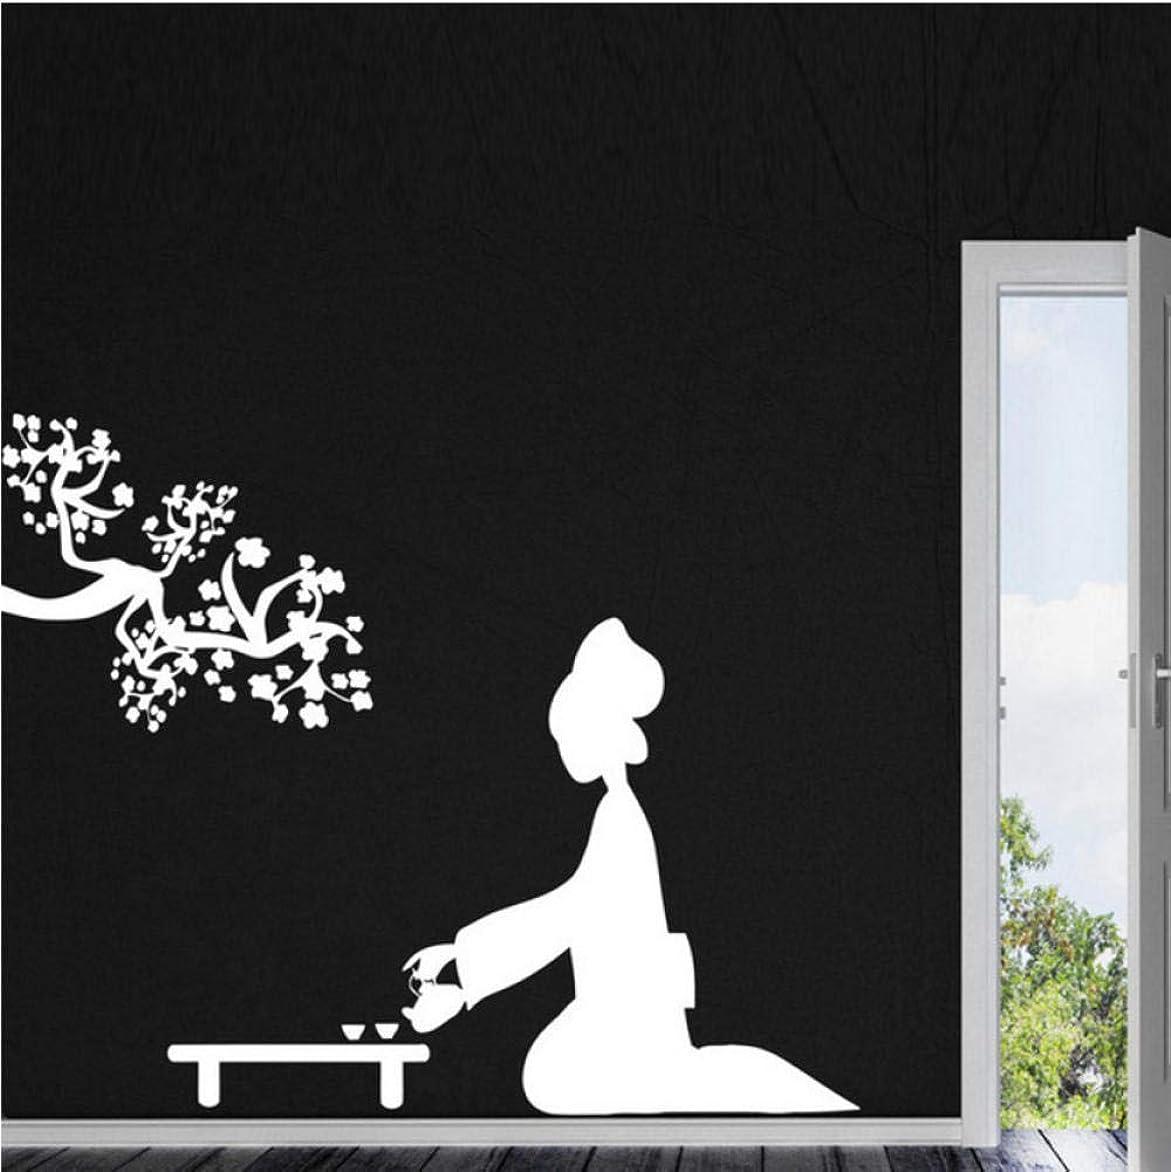 逆に荒涼としたサーバUpinfan ファッションビニール壁デカールリラックスフットマッサージ美容スパ壁画アートウォールステッカーヘルスセンター美容室装飾的な装飾56×80センチ